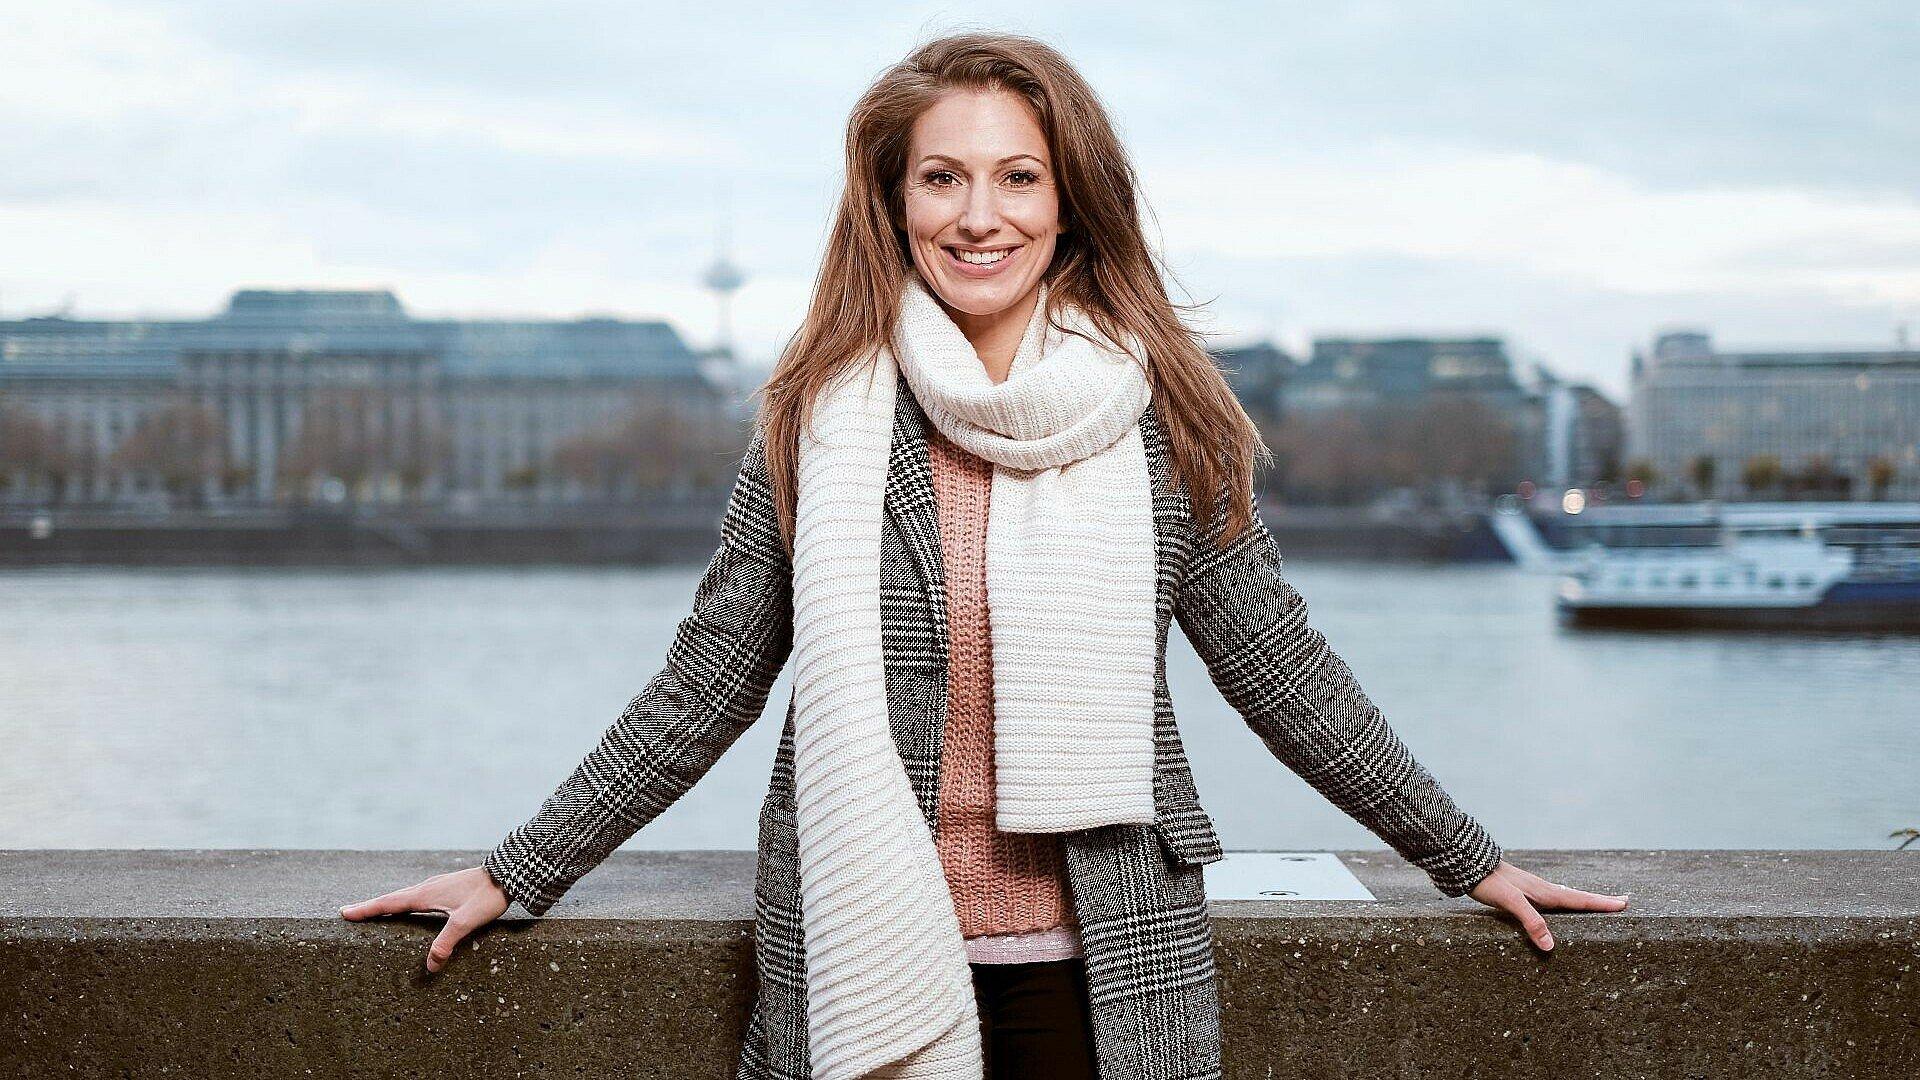 Mara Bergmann erzählt von ihrem Leben in Köln